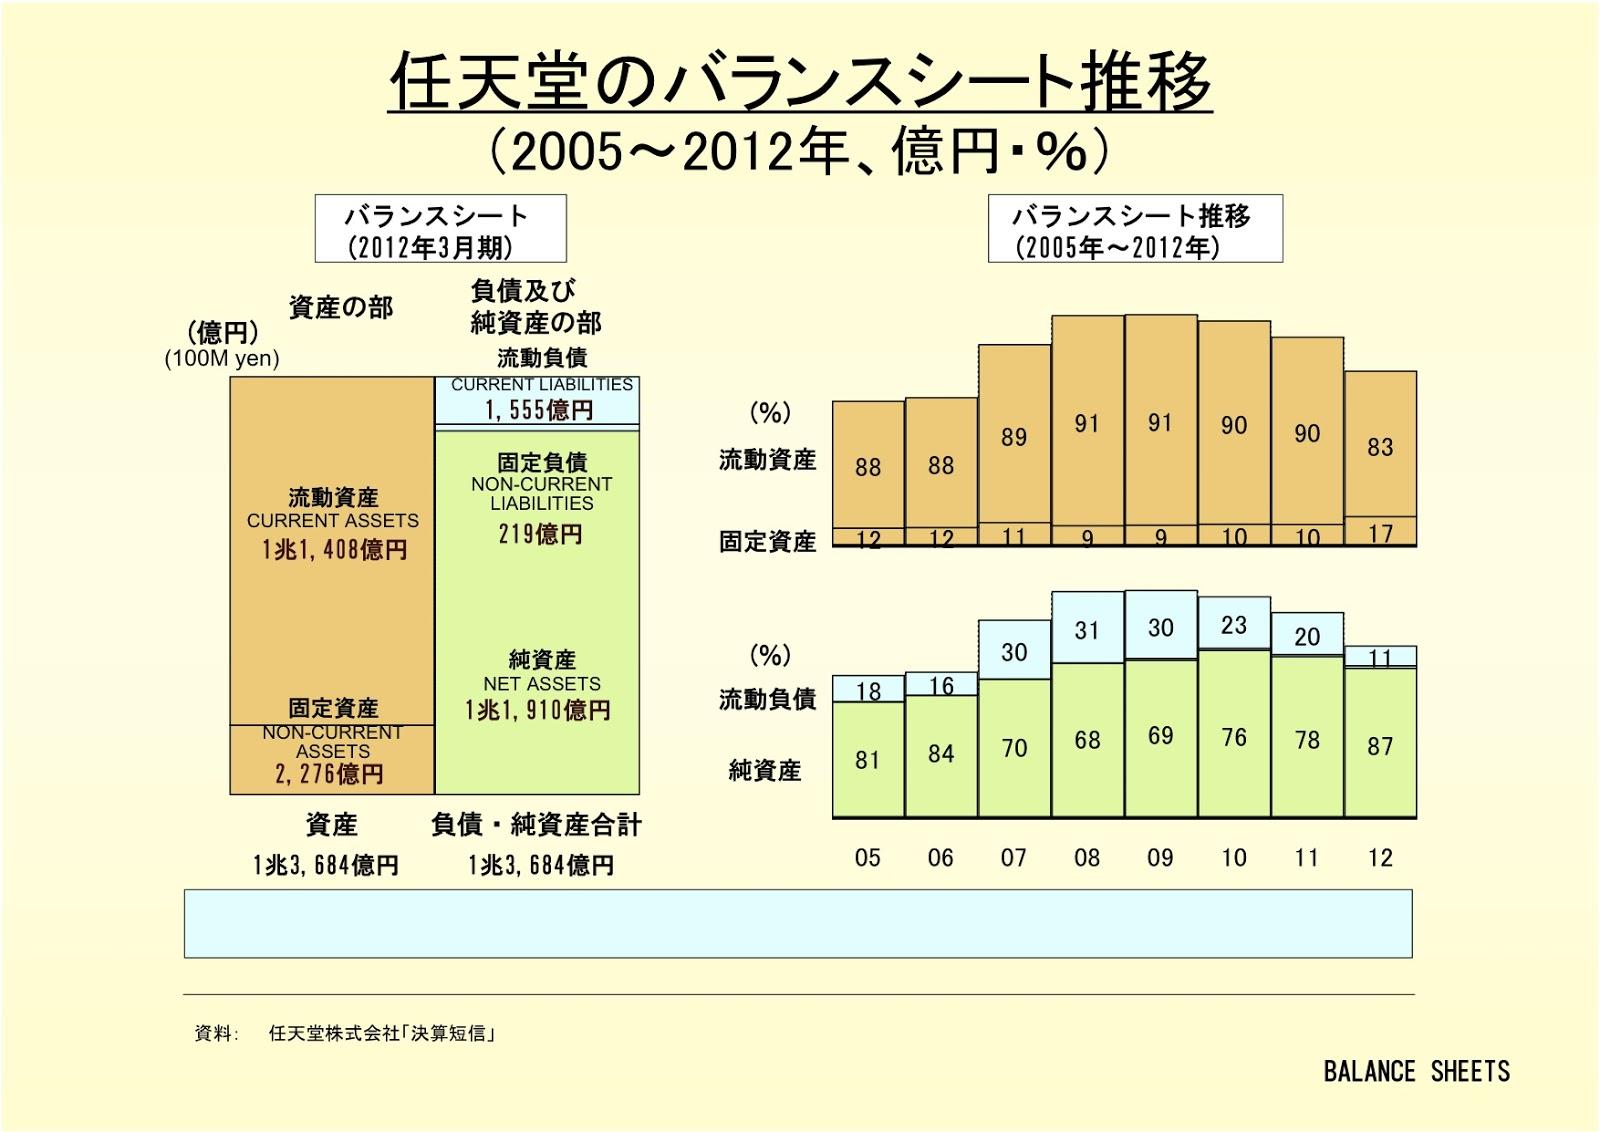 任天堂株式会社のバランスシート推移